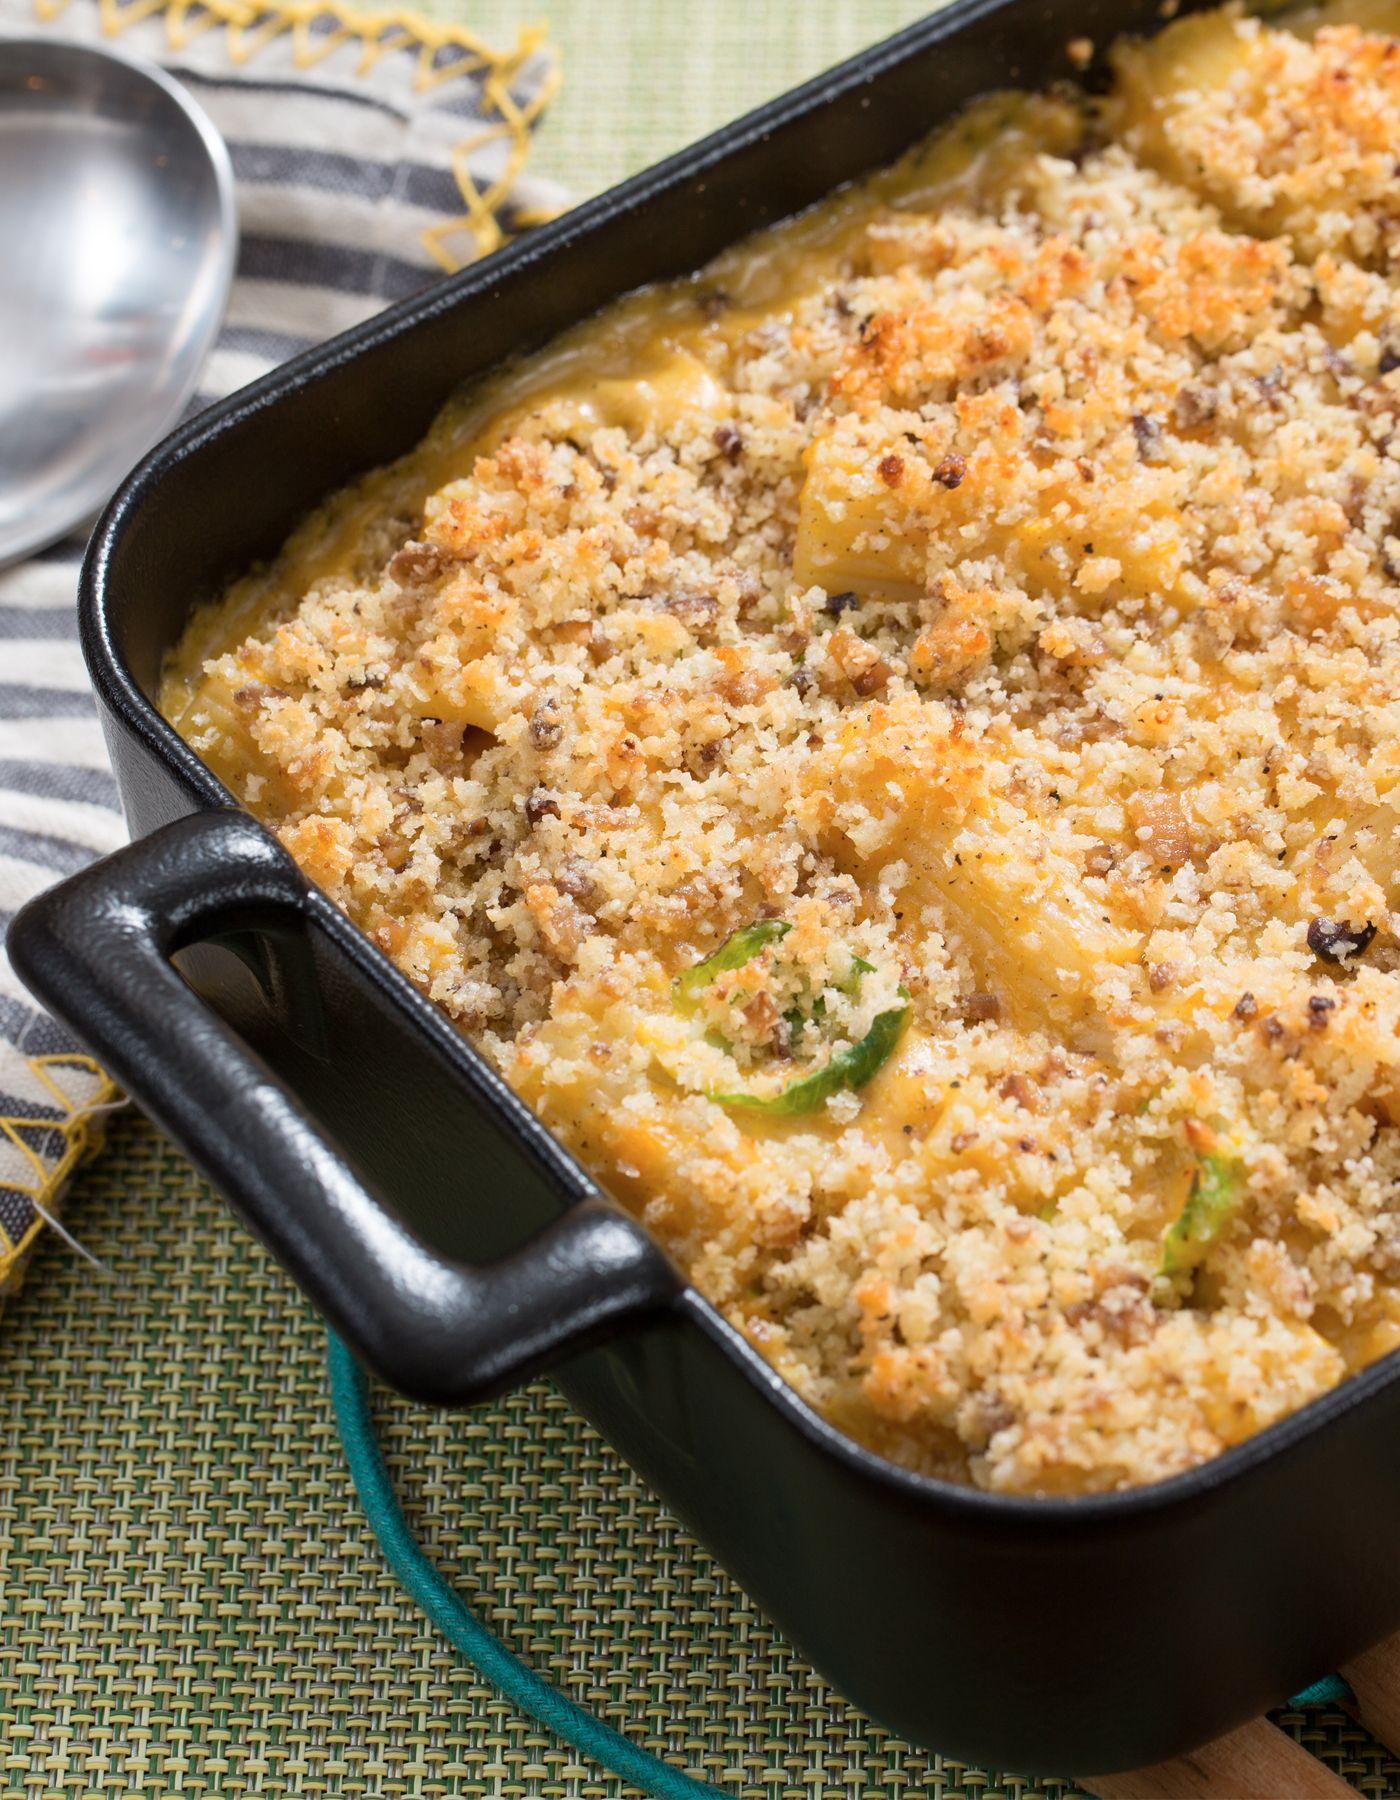 Blue apron lentil spice blend - Recipe